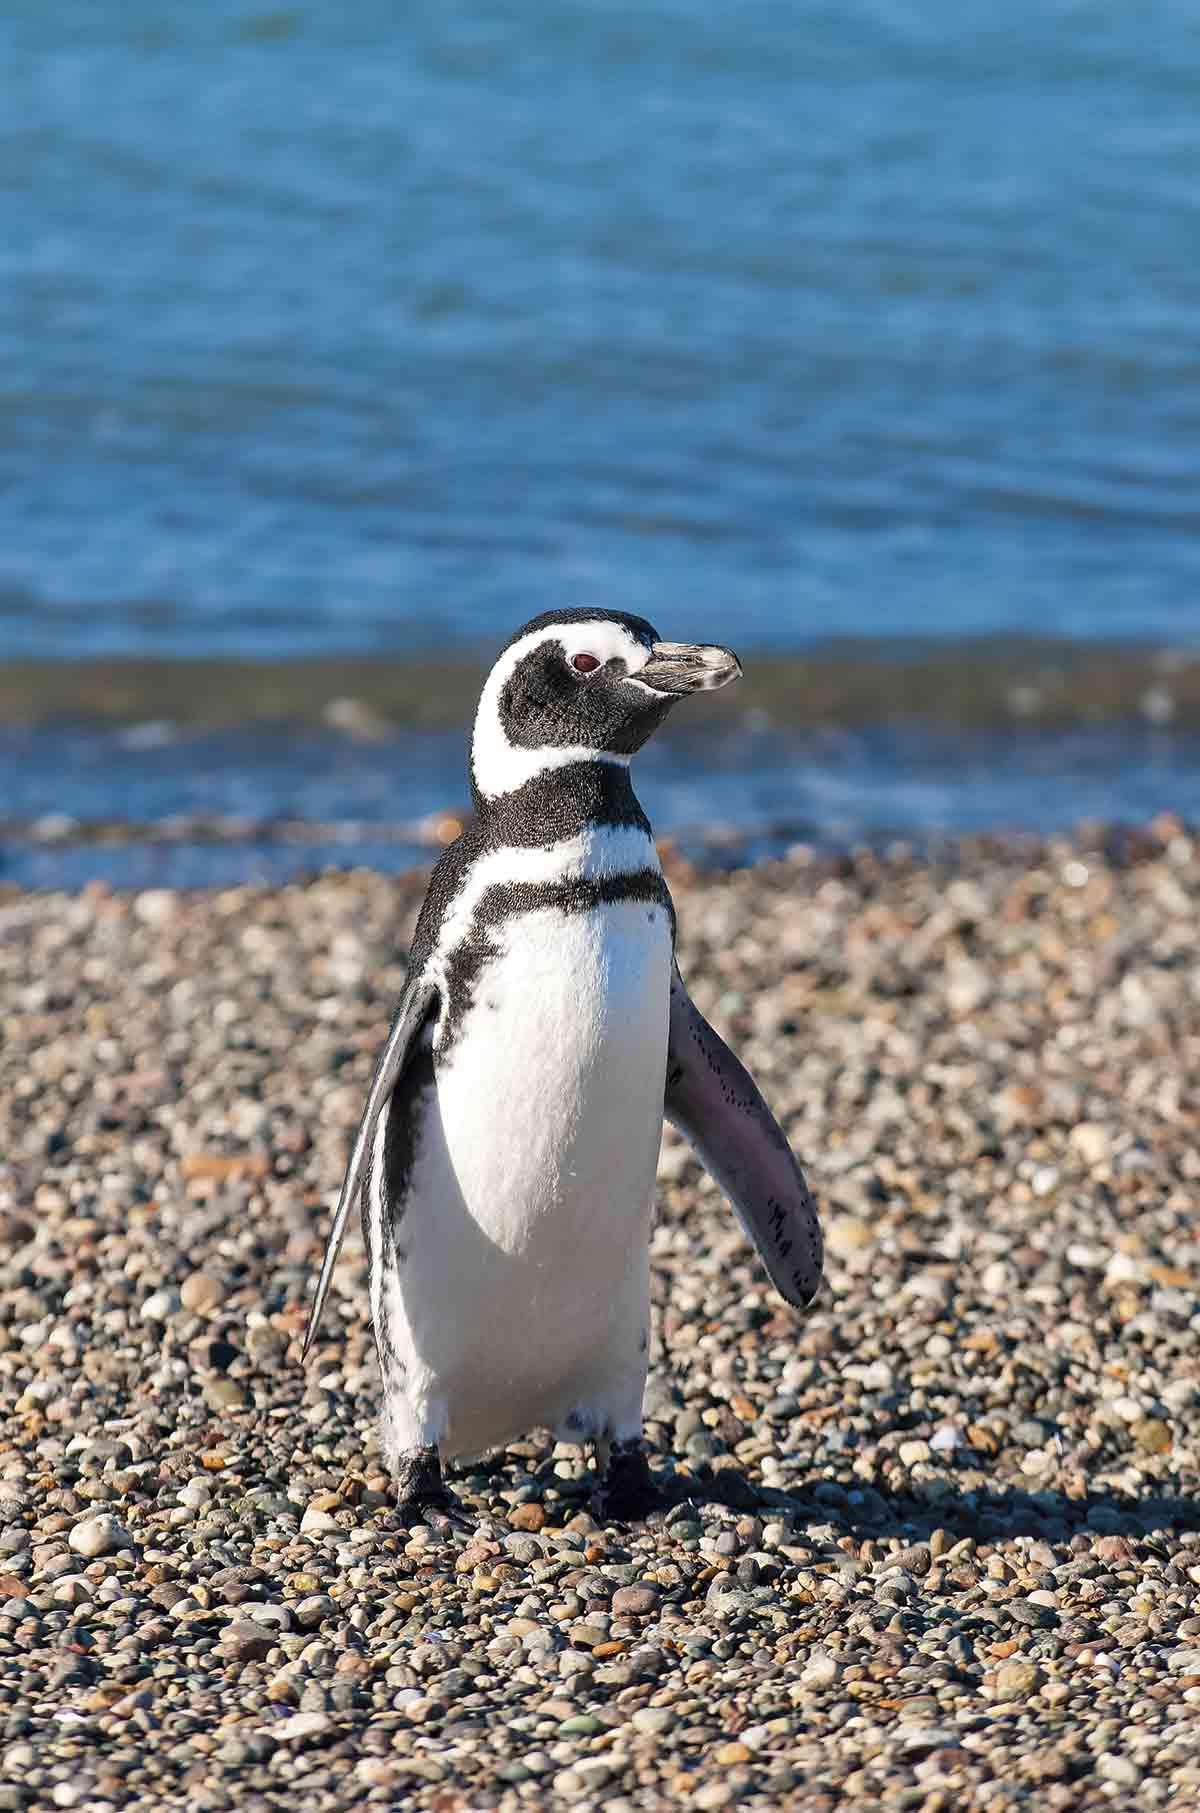 El pingüino de magallanes o también llamado patagónico, habita en el sur de Argentina y en las Islas Malvinas. No miden más de medio metro y sus condiciones físicas están adaptadas a las bajas temperaturas, que soportan gracias a una gruesa capa de grasa que envuelve su cuerpo y les permite mantener el calor.